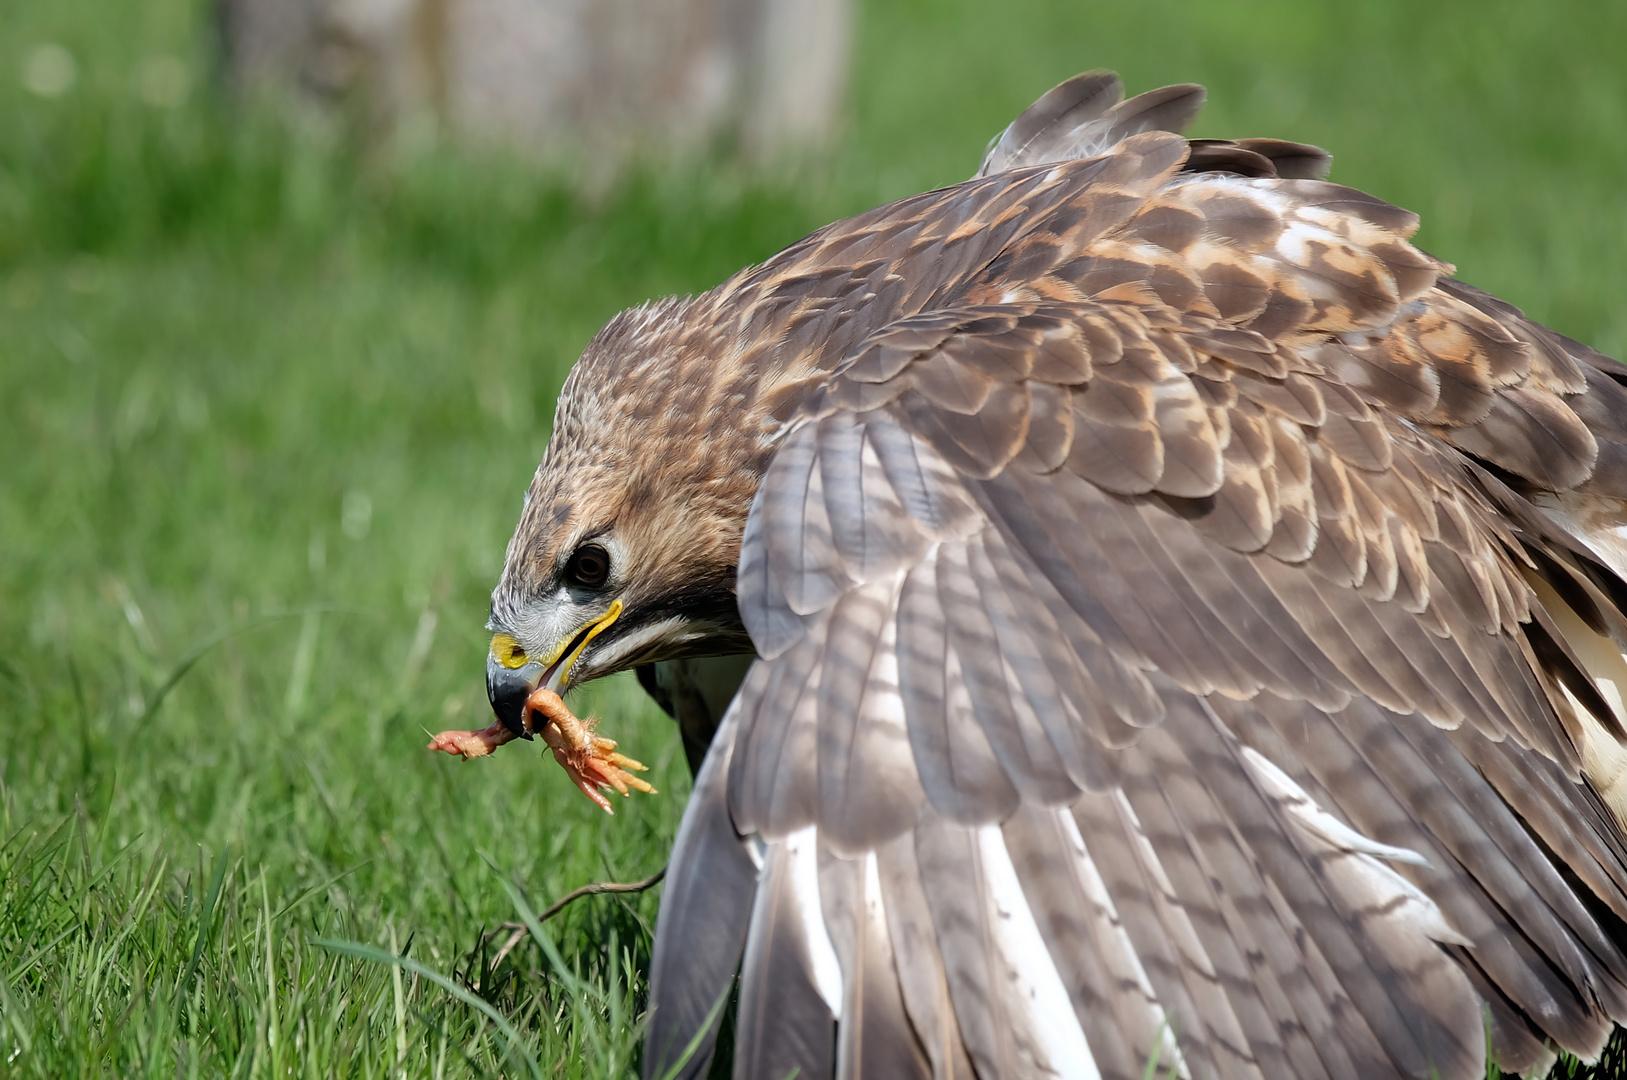 Landung zur Mahlzeit